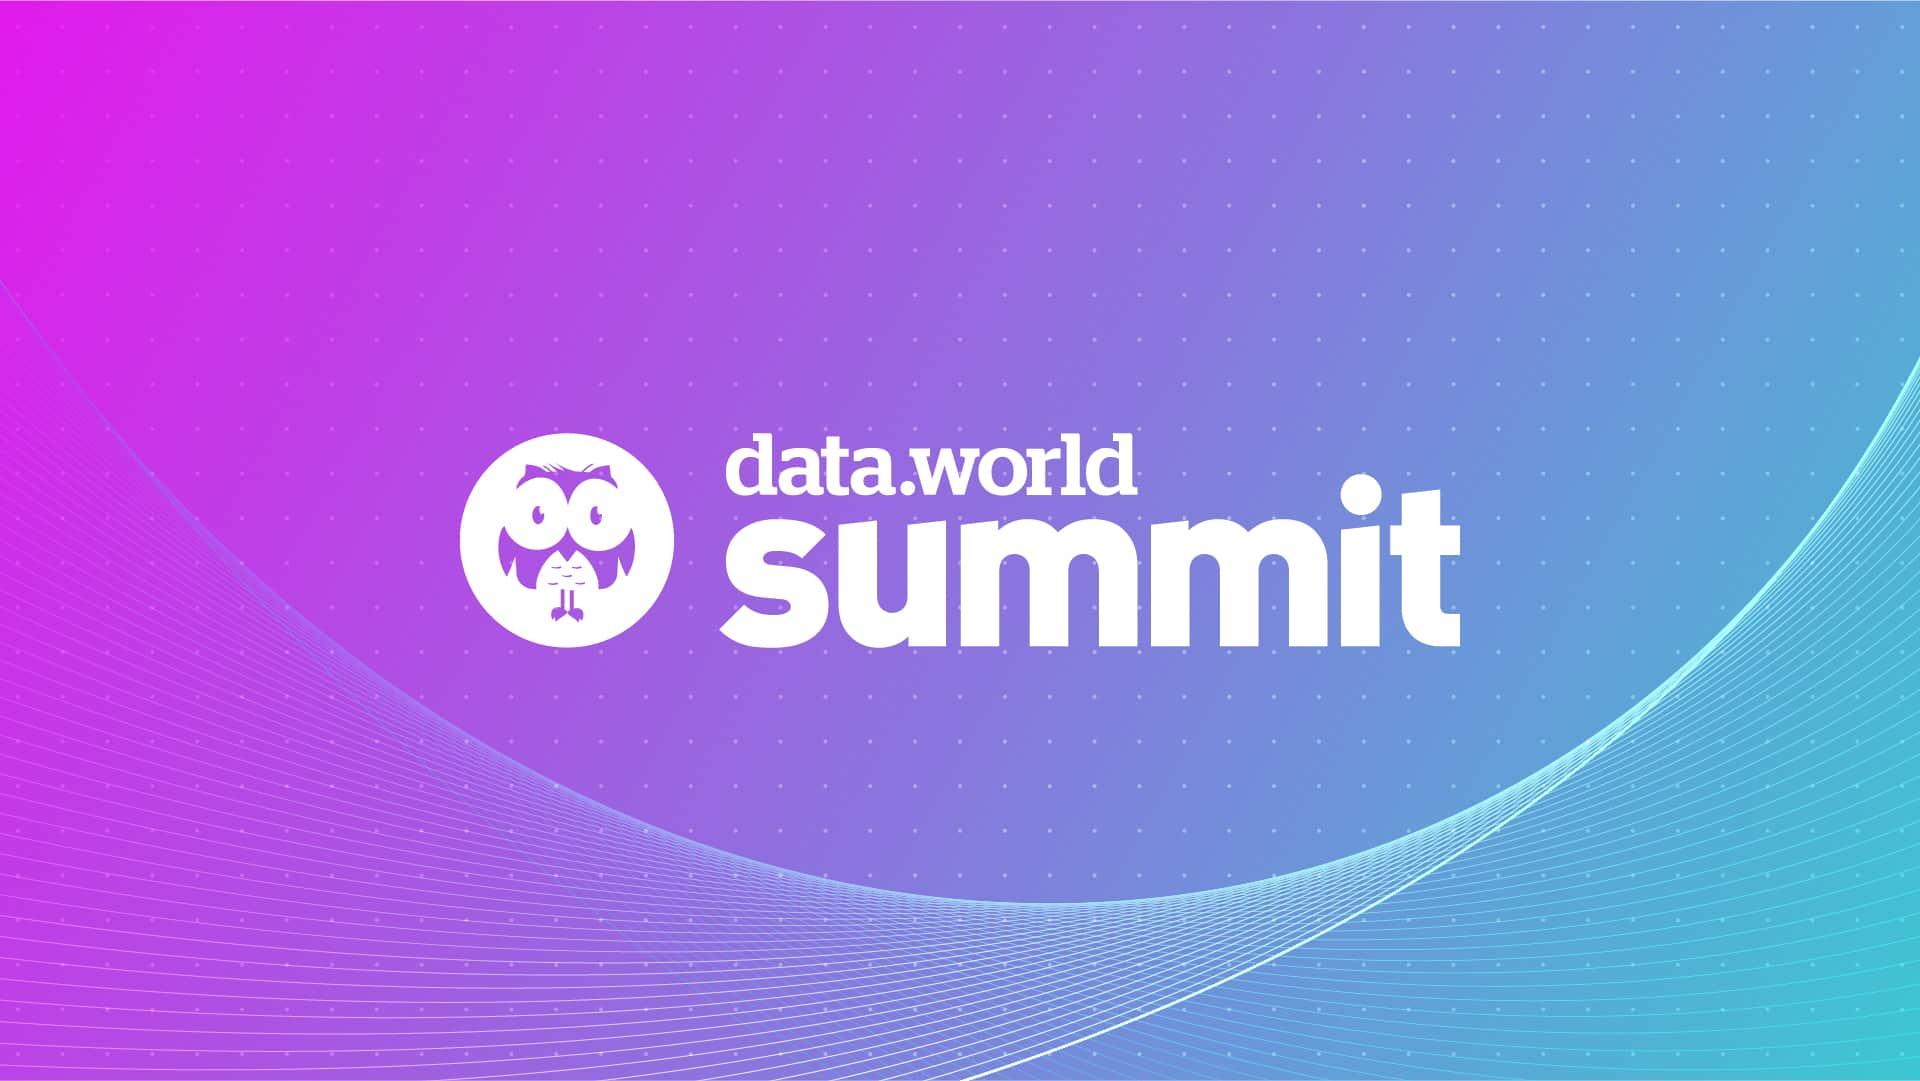 fitosophy-dataworld-summit-background2